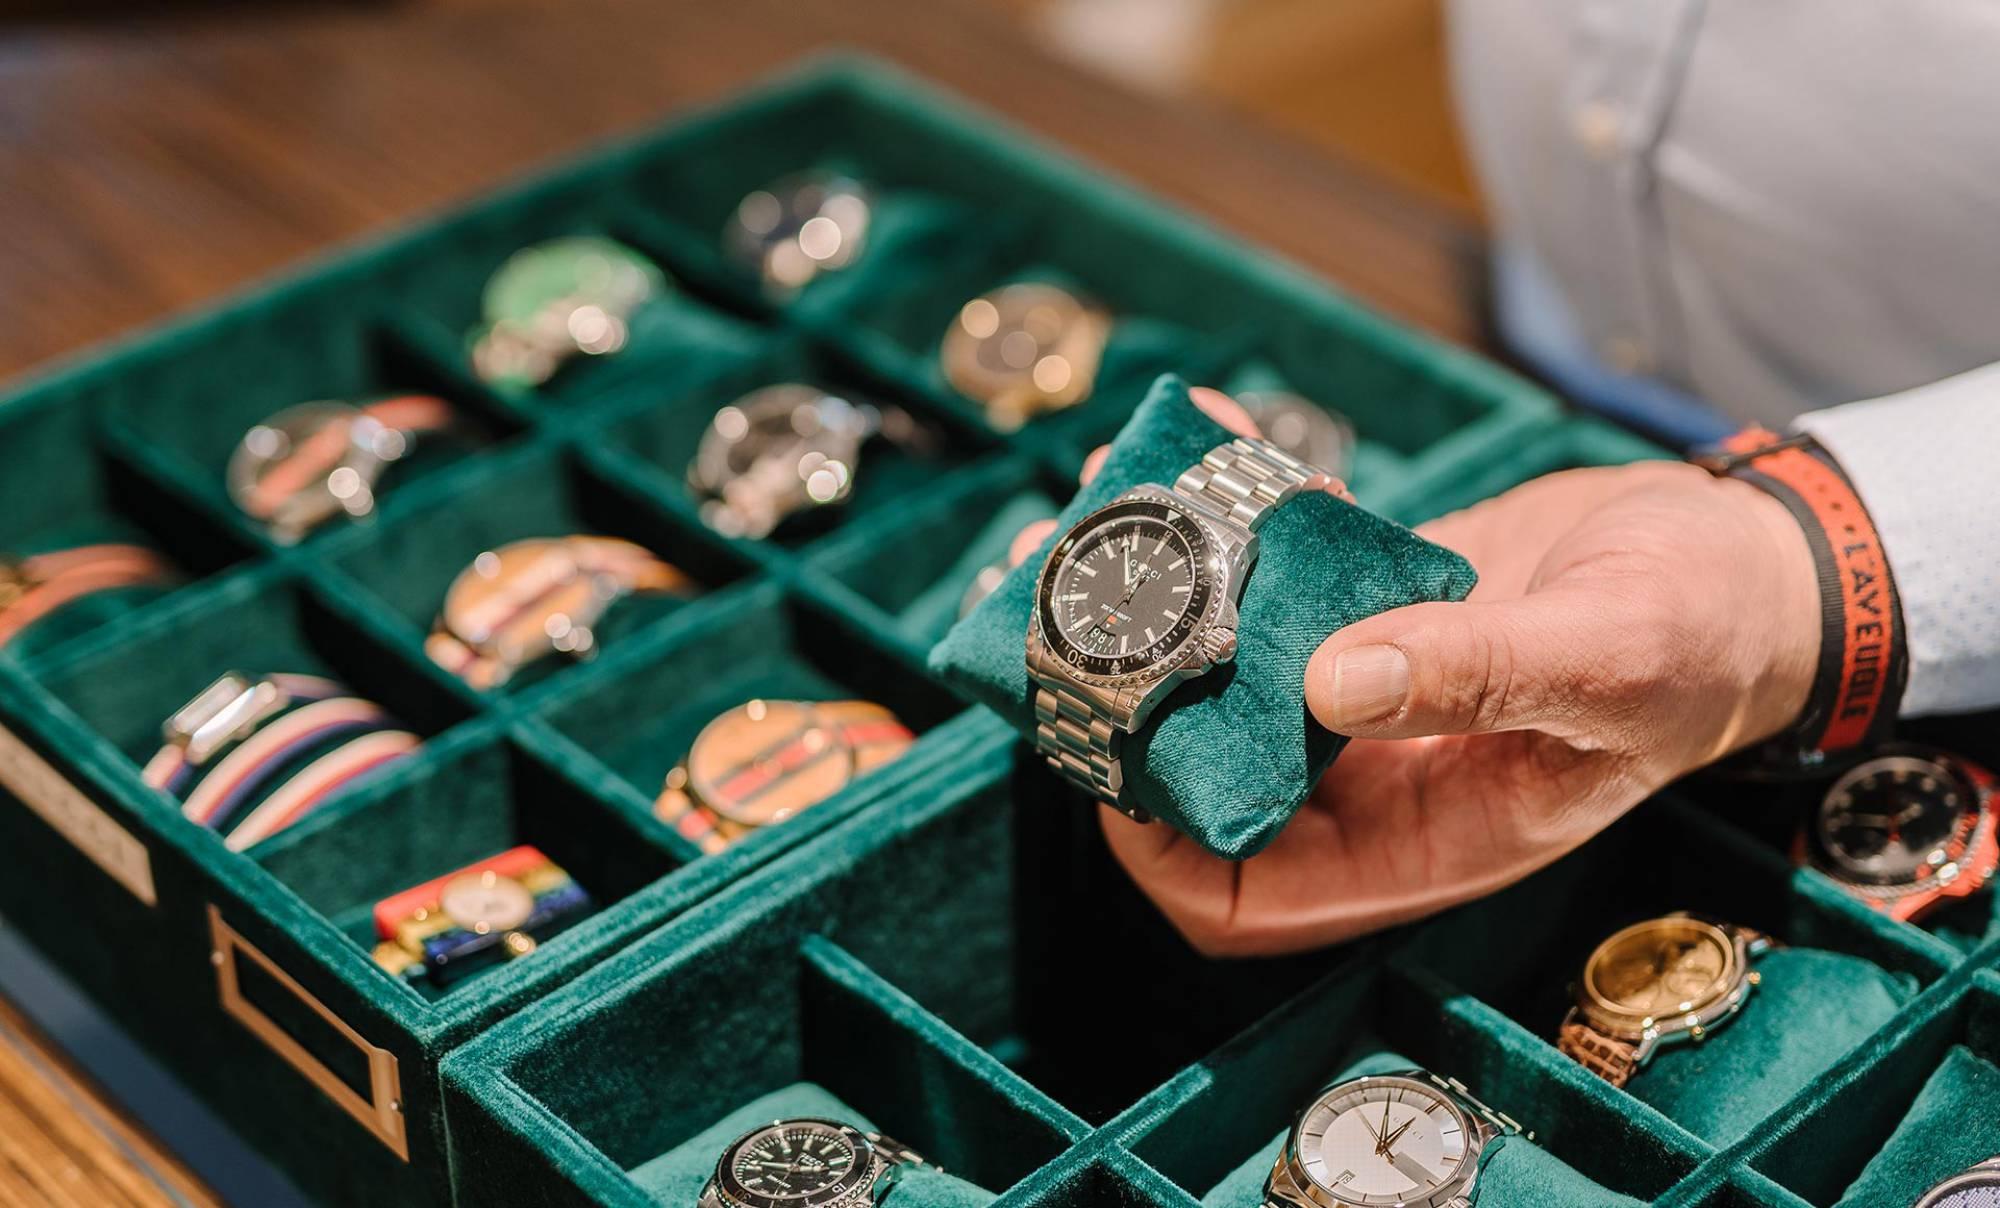 Gioielleria Villa Lissone orologi di lusso Gucci